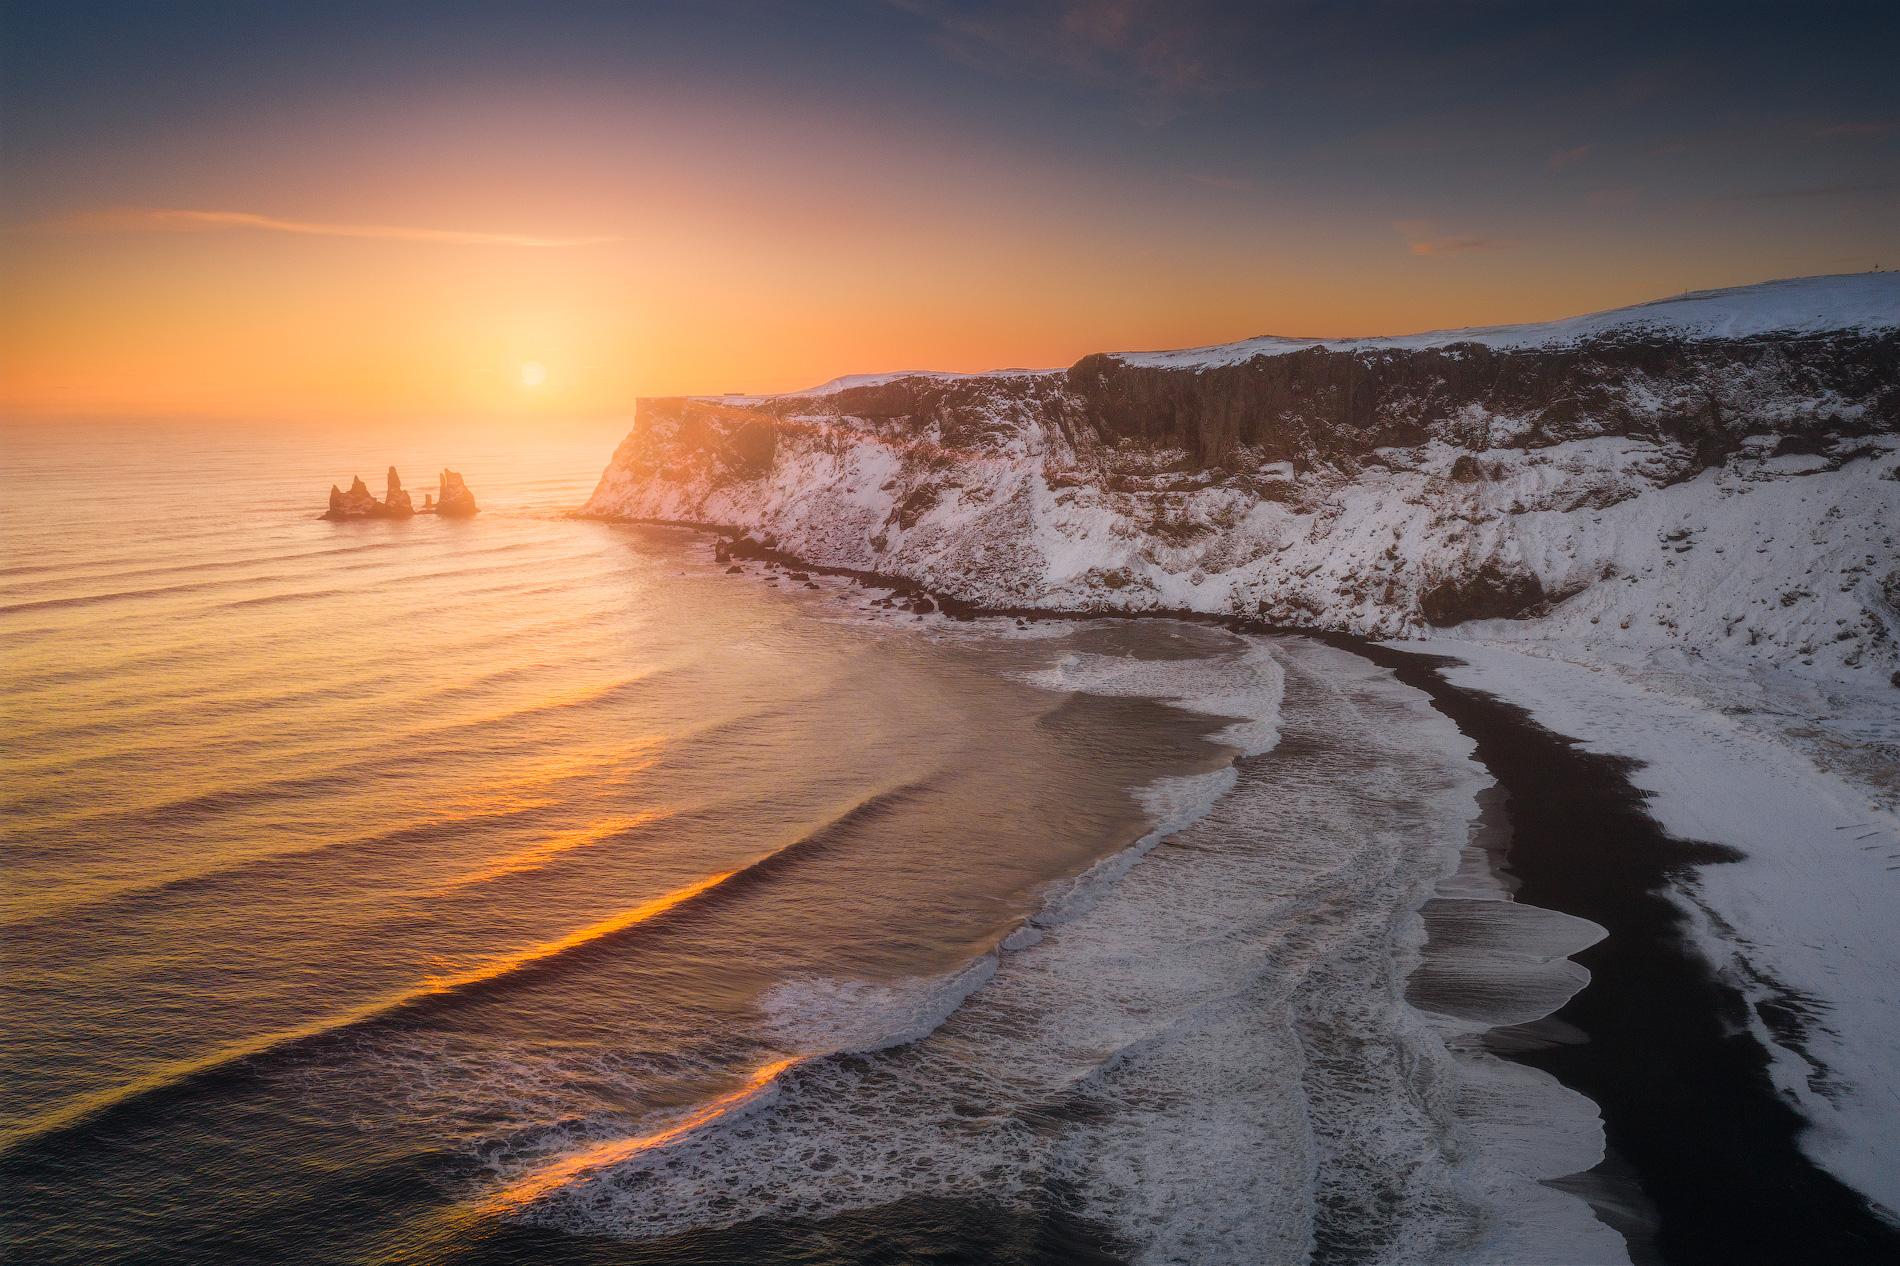 11 Day Northern Lights Photo Workshop around Iceland - day 2